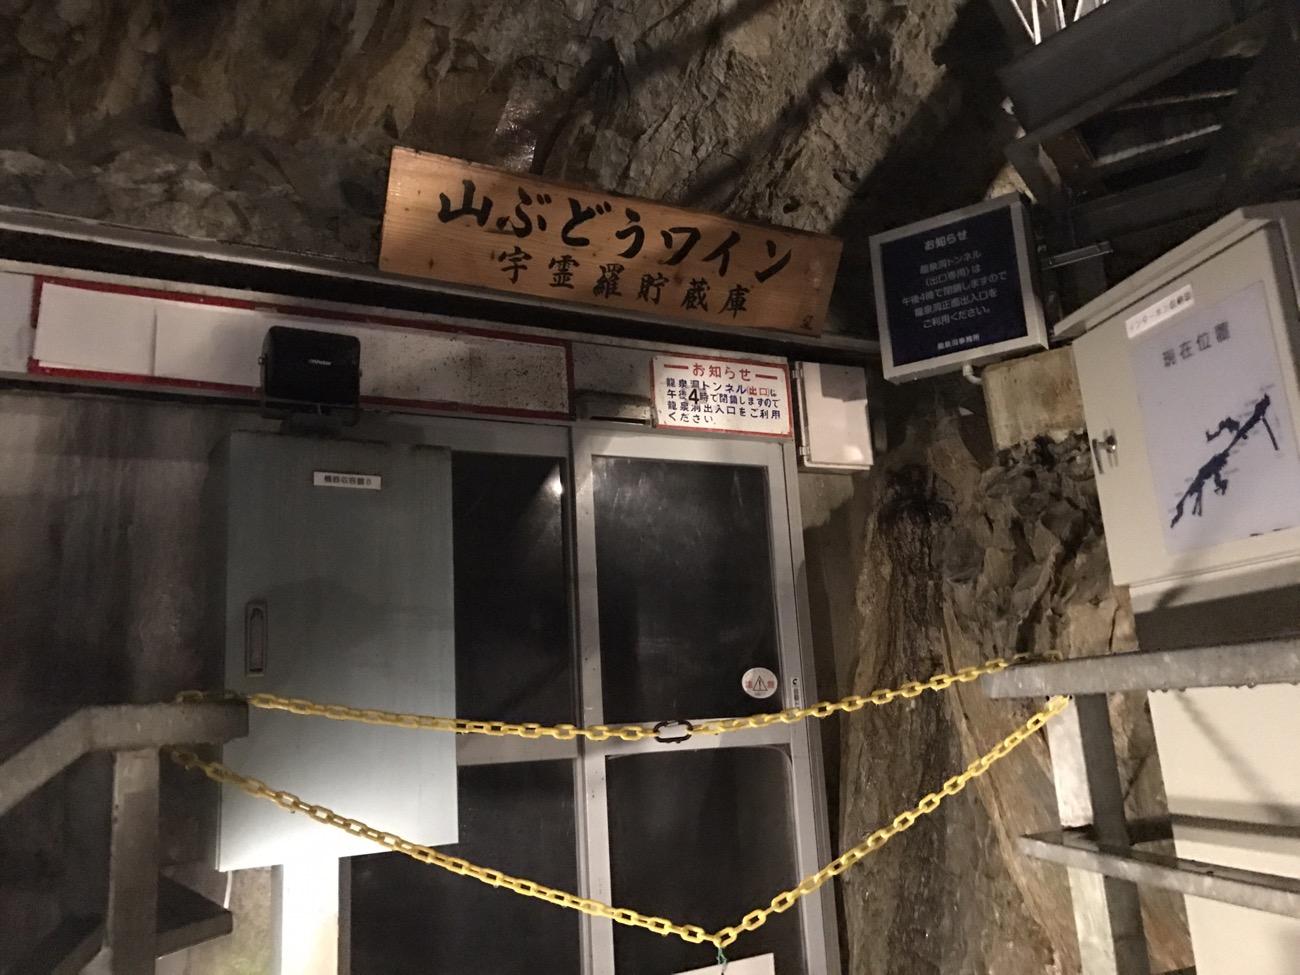 岩泉観光 龍泉洞 ワイン冷蔵